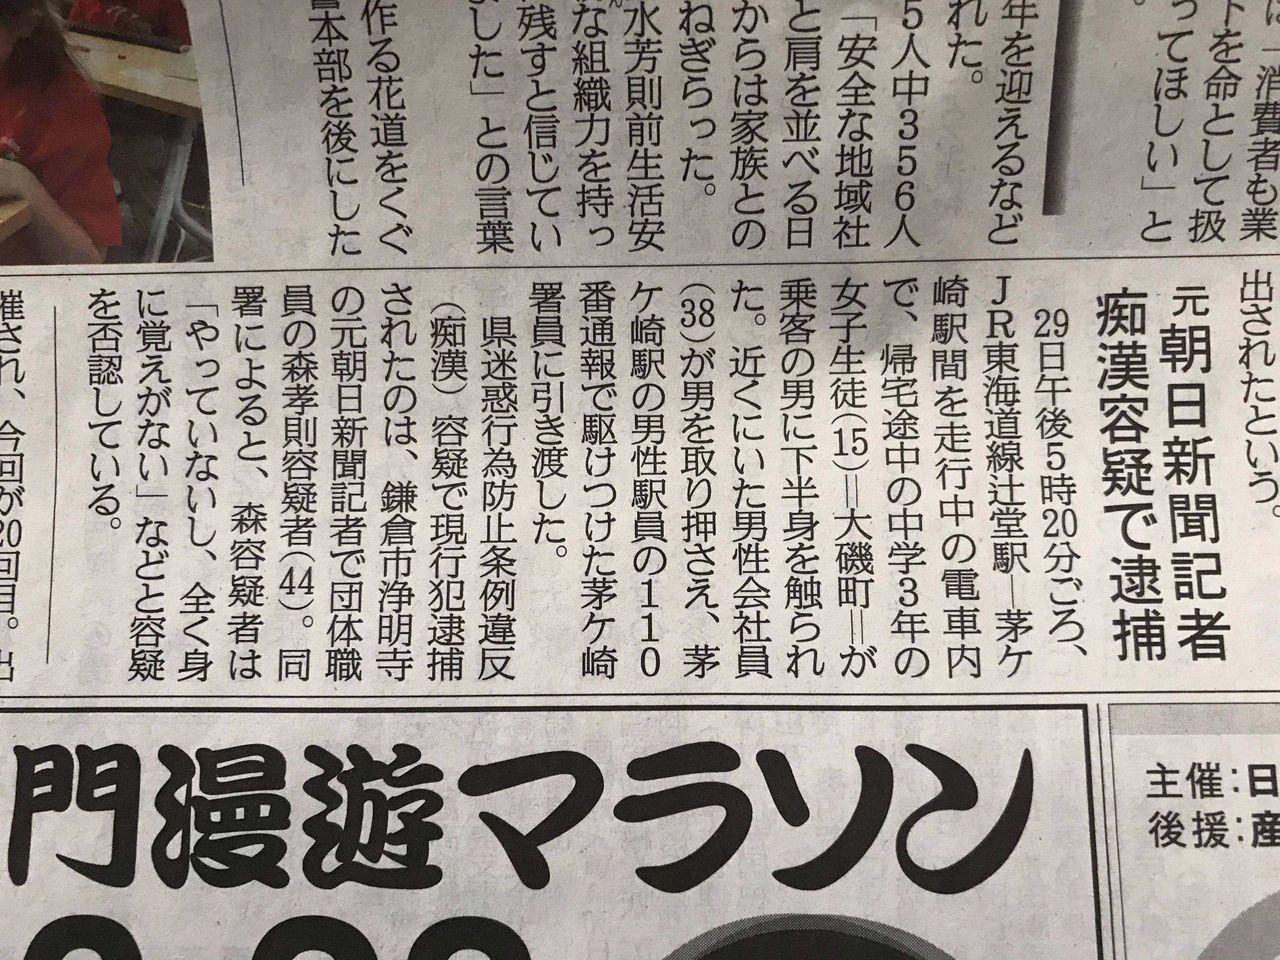 【画像】元朝日新聞記者(44)が電車内で女子中学生のお尻を触って逮捕